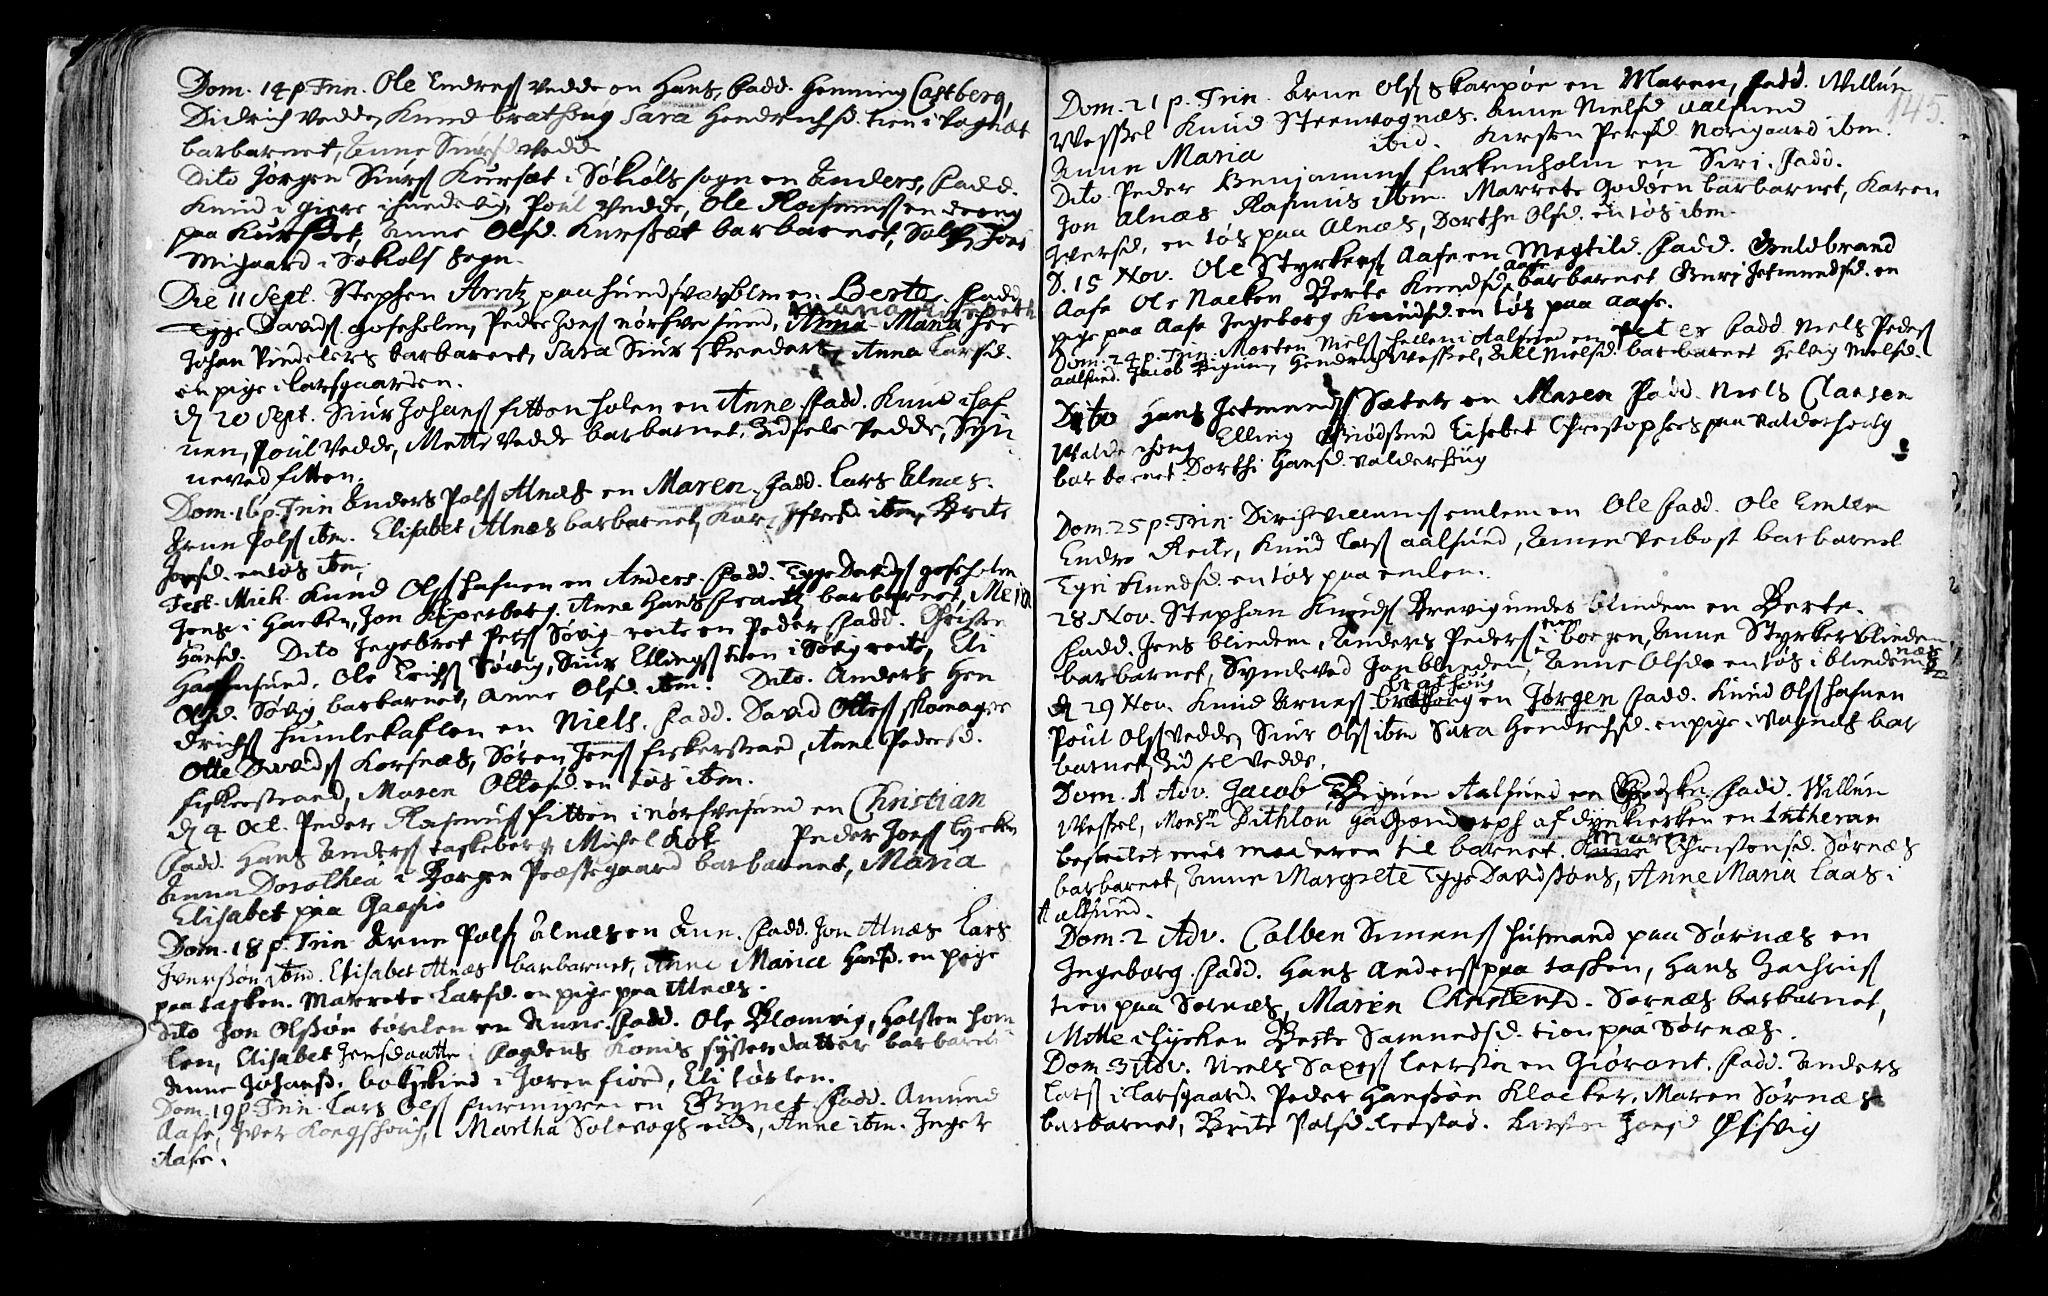 SAT, Ministerialprotokoller, klokkerbøker og fødselsregistre - Møre og Romsdal, 528/L0390: Ministerialbok nr. 528A01, 1698-1739, s. 144-145